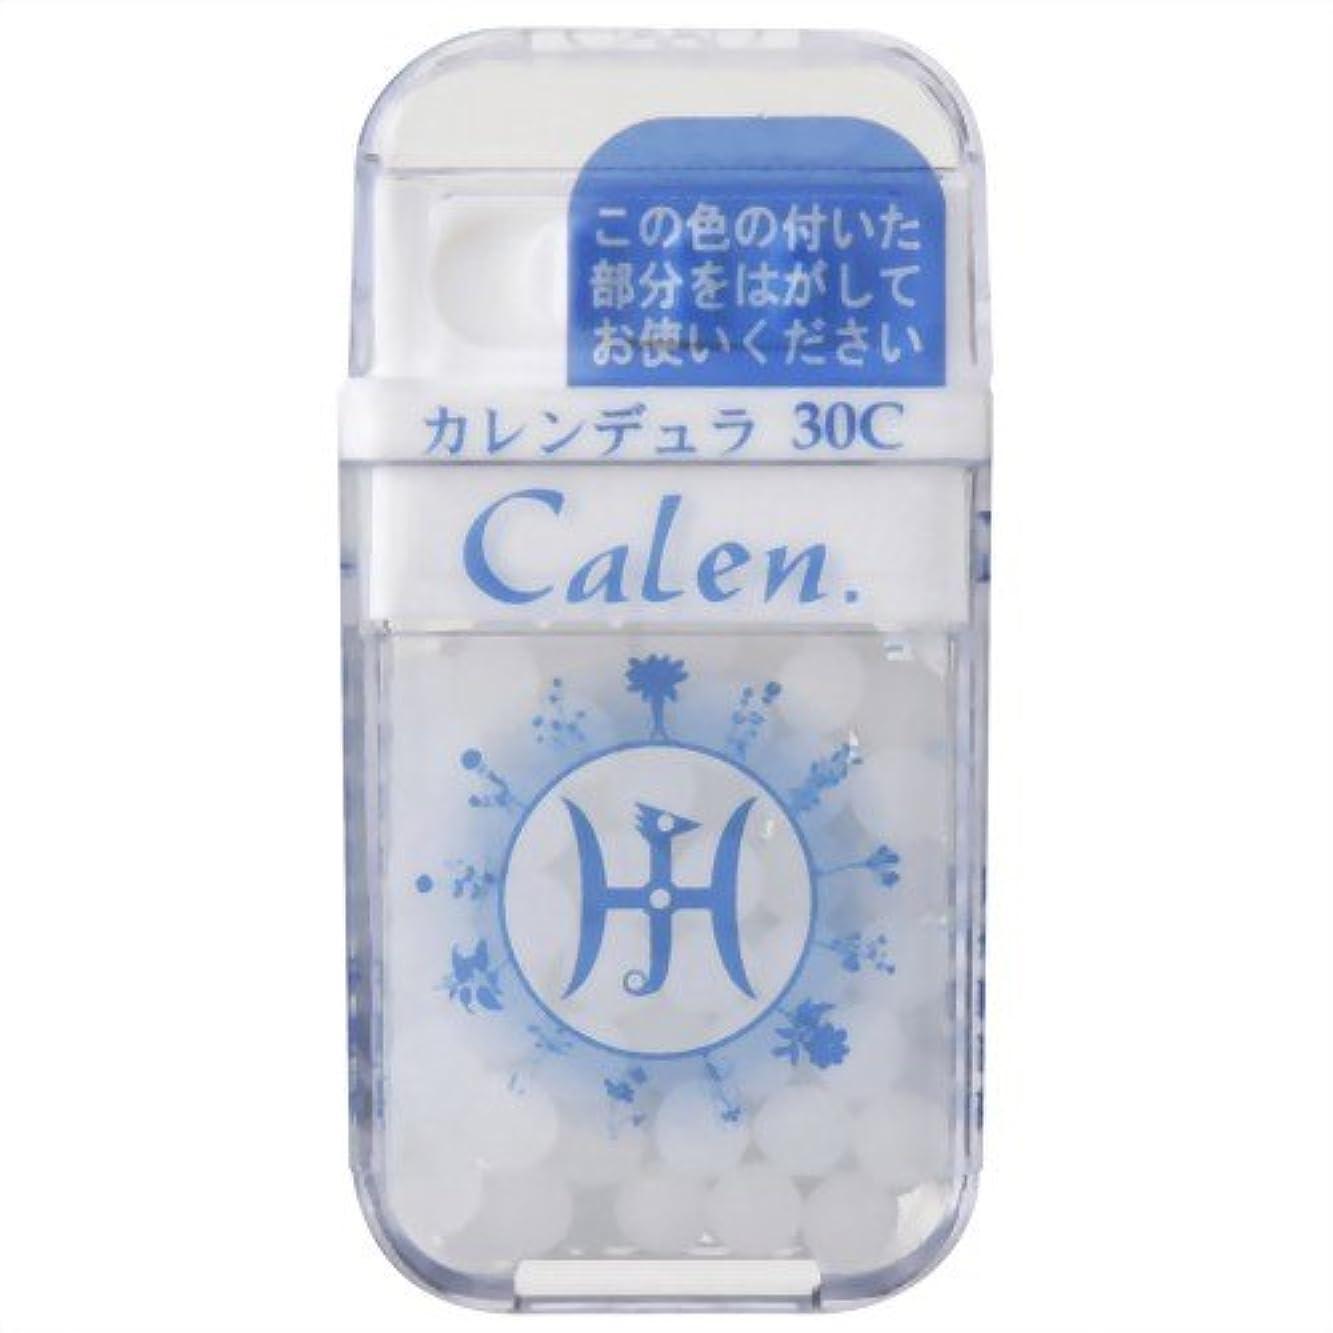 球状個人的なオフェンスホメオパシージャパンレメディー Calen.  カレンデュラ 30C (大ビン)